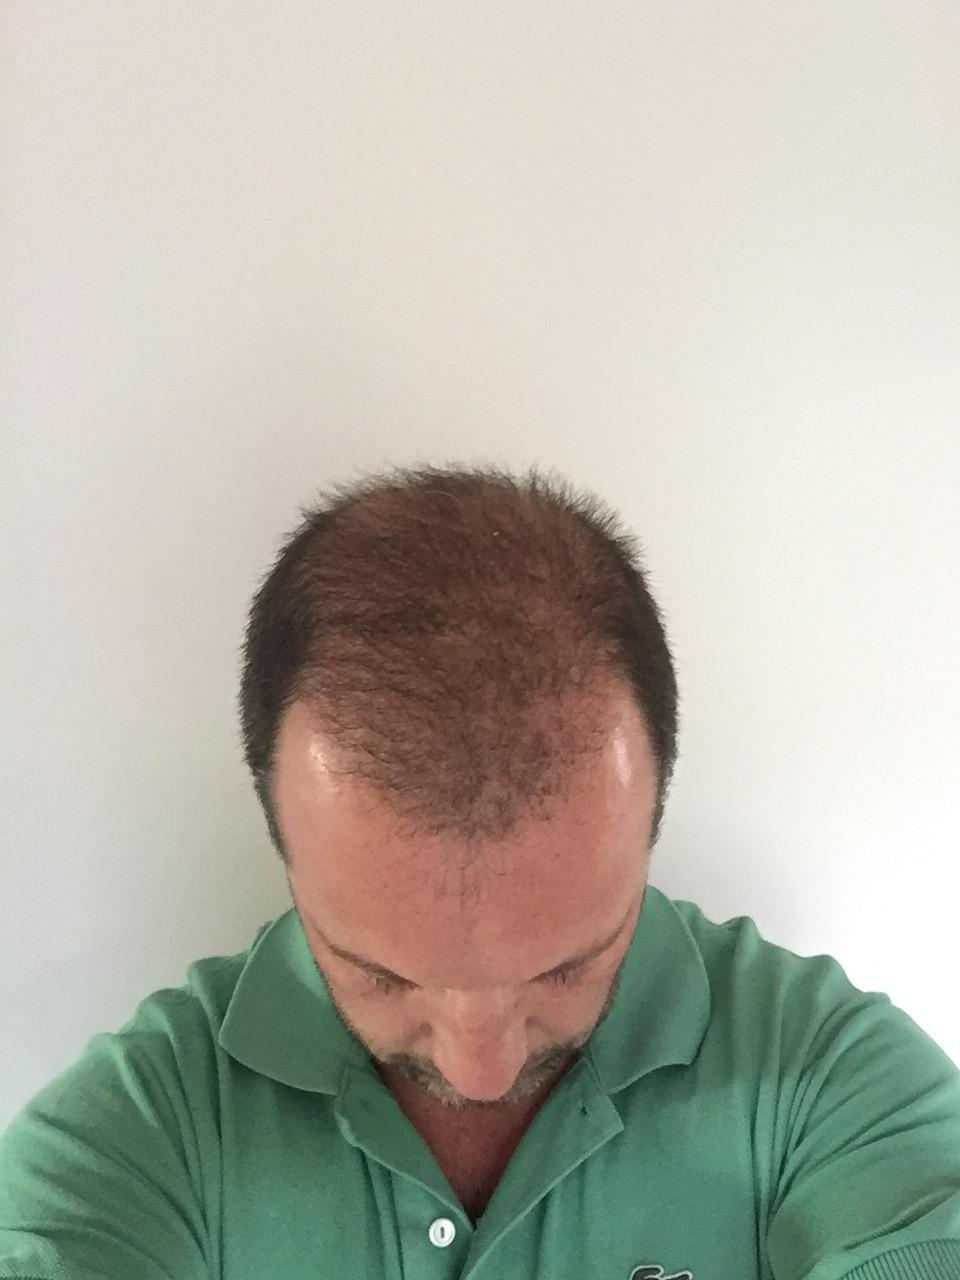 28.04.2016: und wieder deuliche dichtere Haare, ich hoffe es geht so weiter....!